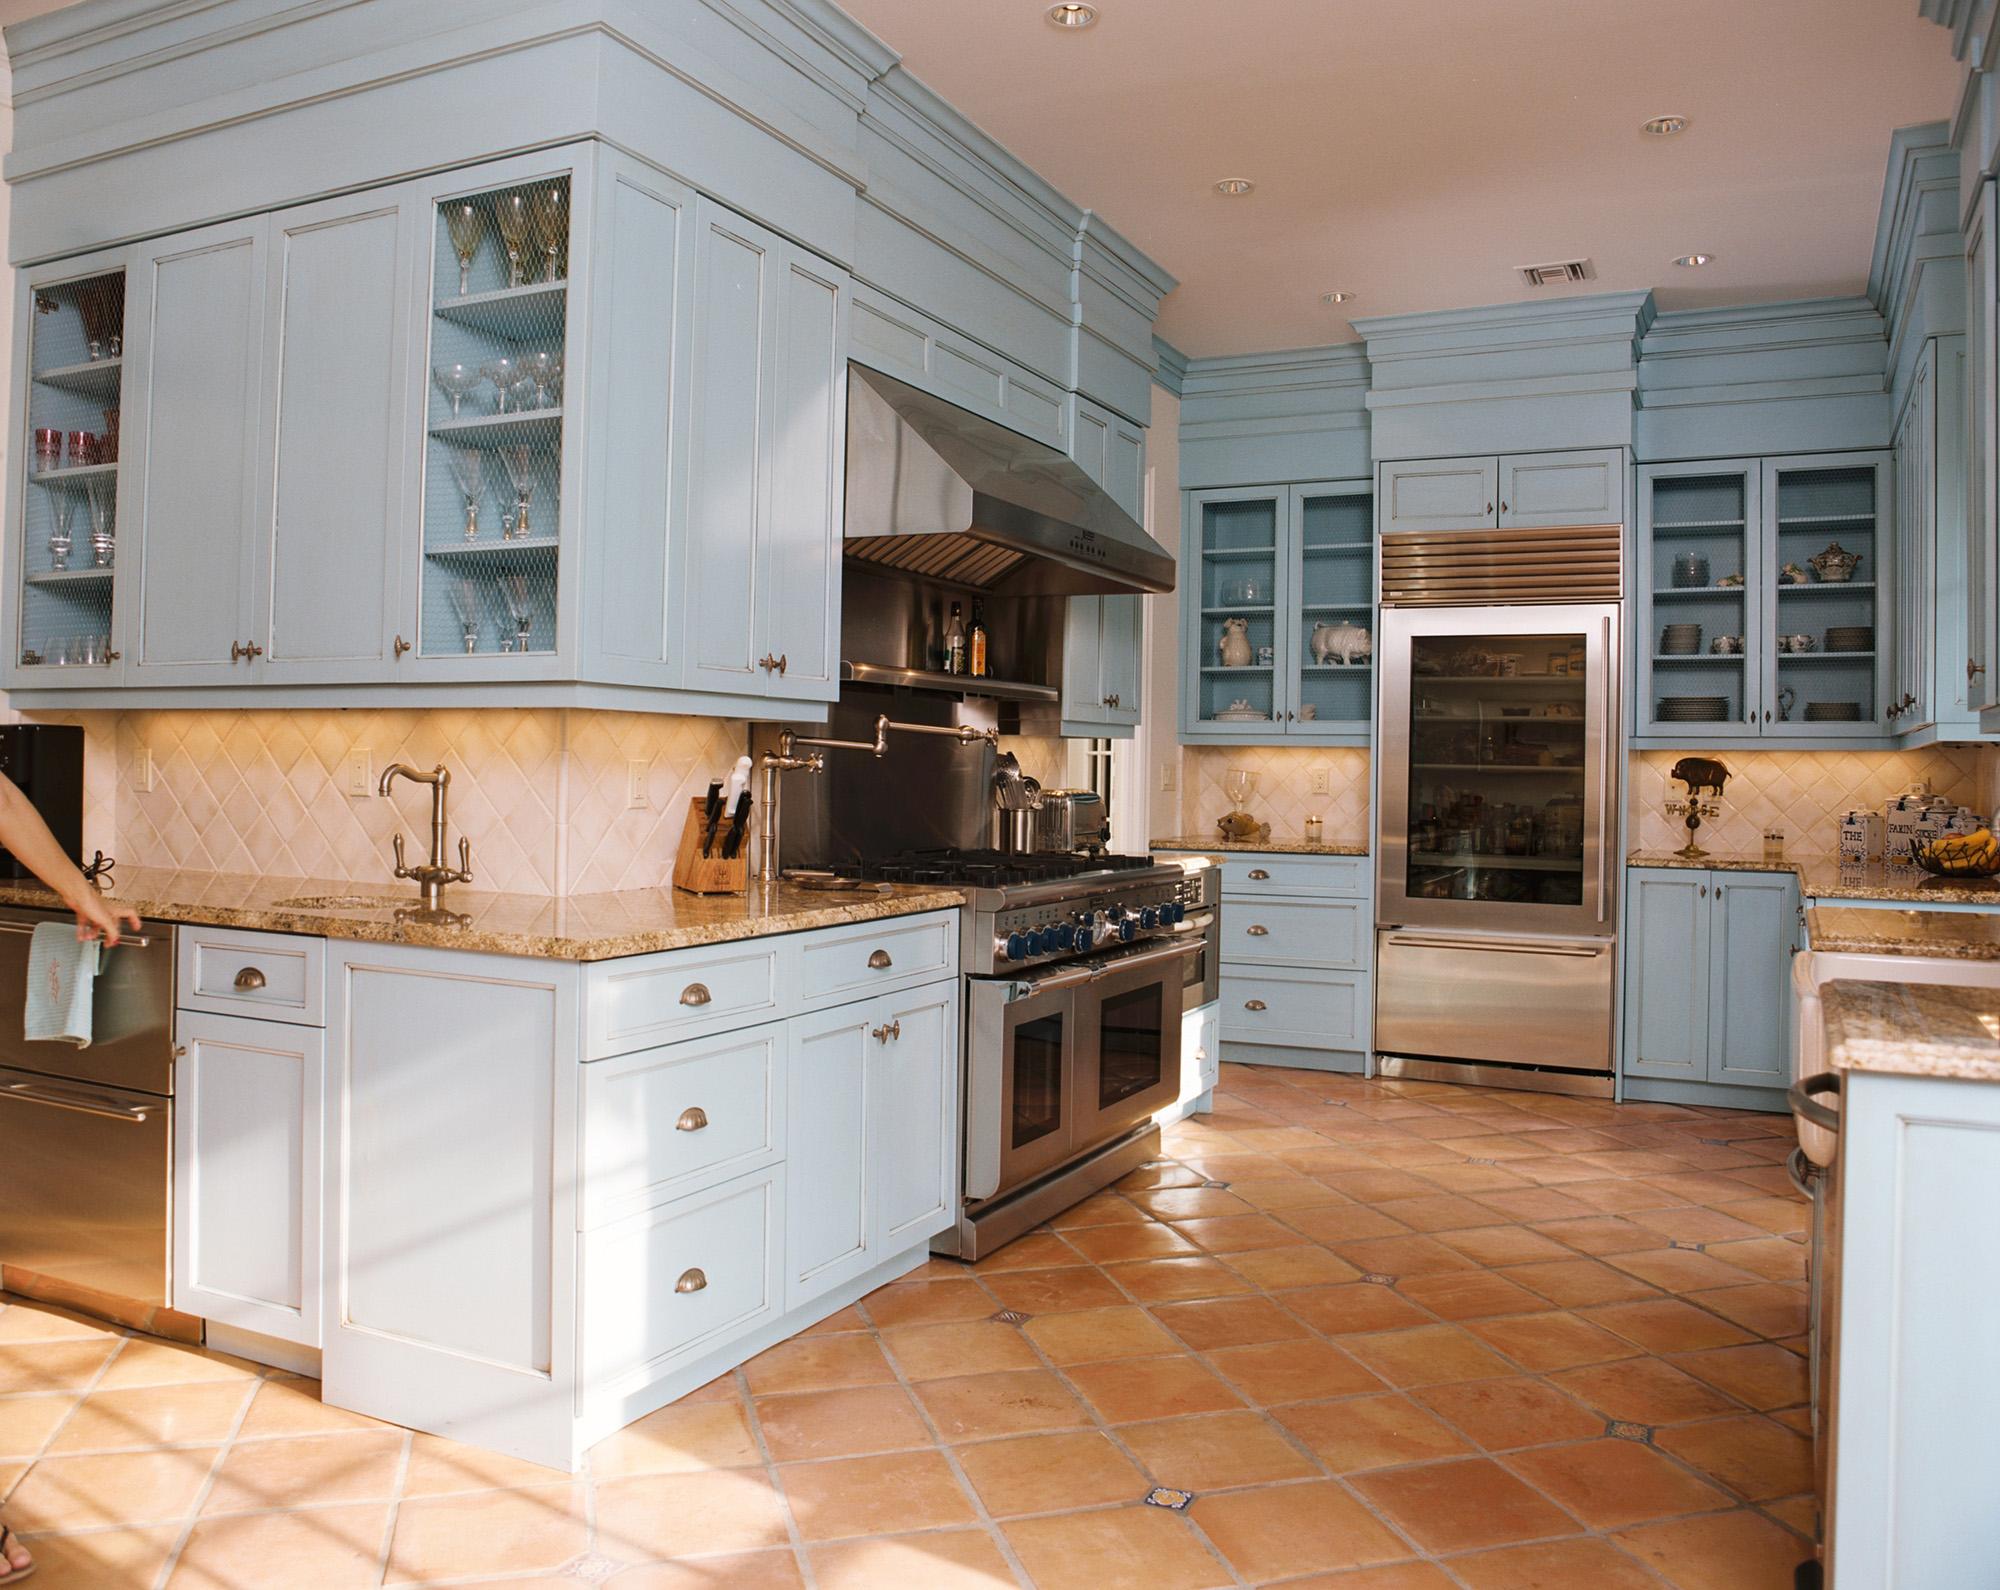 Luxury kitchen photos dunlap construction vero beach fl for Kitchen cabinets vero beach